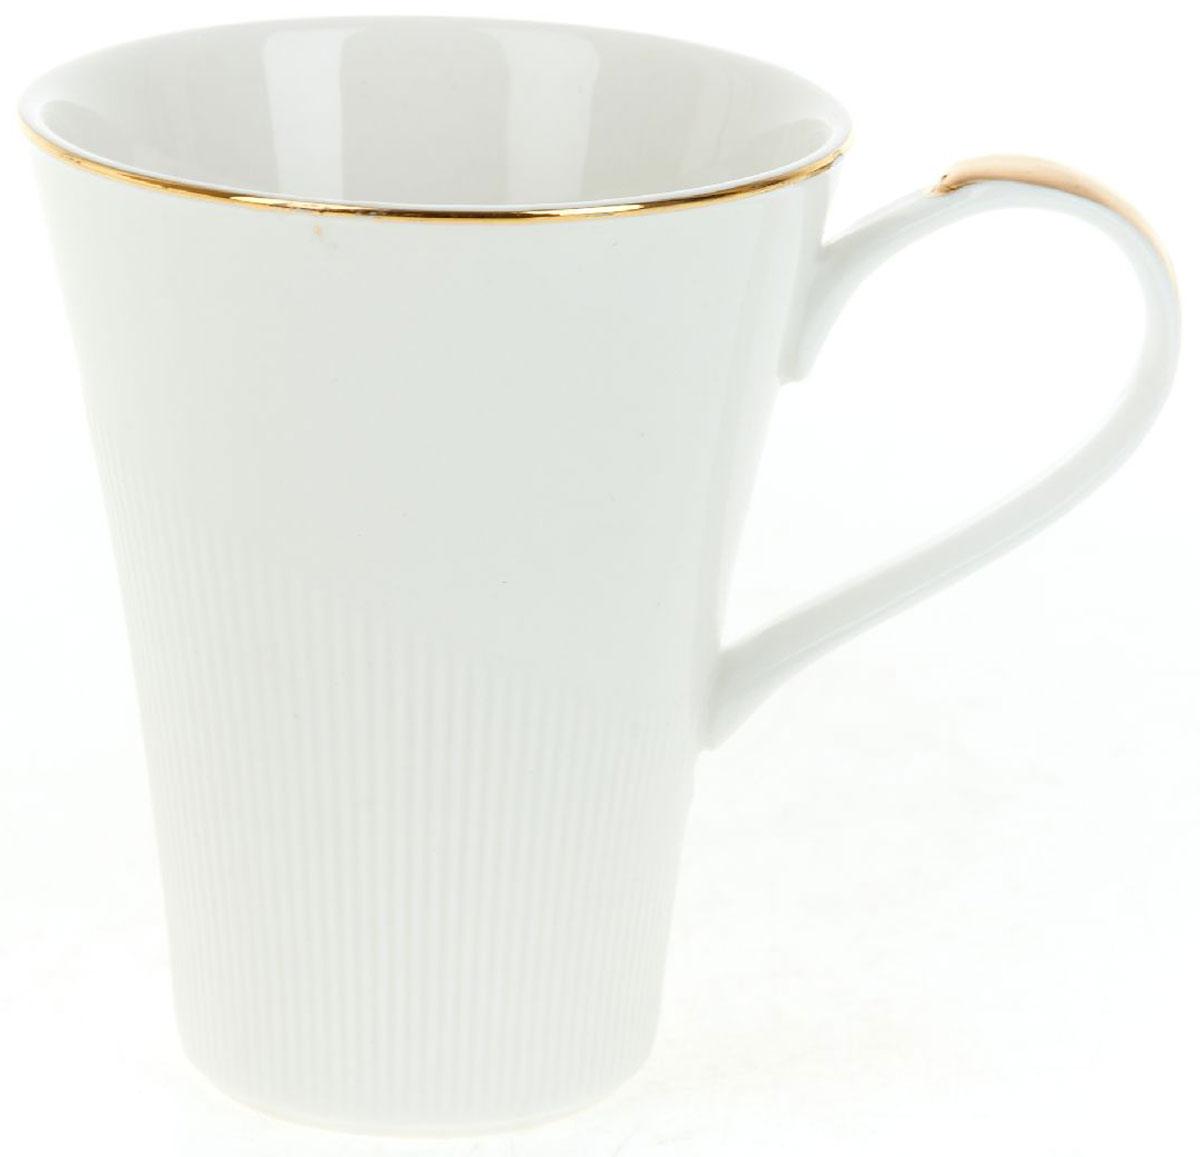 Кружка BHP Белый мрамор, 370 млM1480073Оригинальная кружка Best Home Porcelain, выполненная из высококачественного фарфора, сочетает в себе простой, утонченный дизайн с максимальной функциональностью. Оригинальность оформления придутся по вкусу тем, кто ценит индивидуальность. В комплект входит кружка. Можно использовать в ПММ.